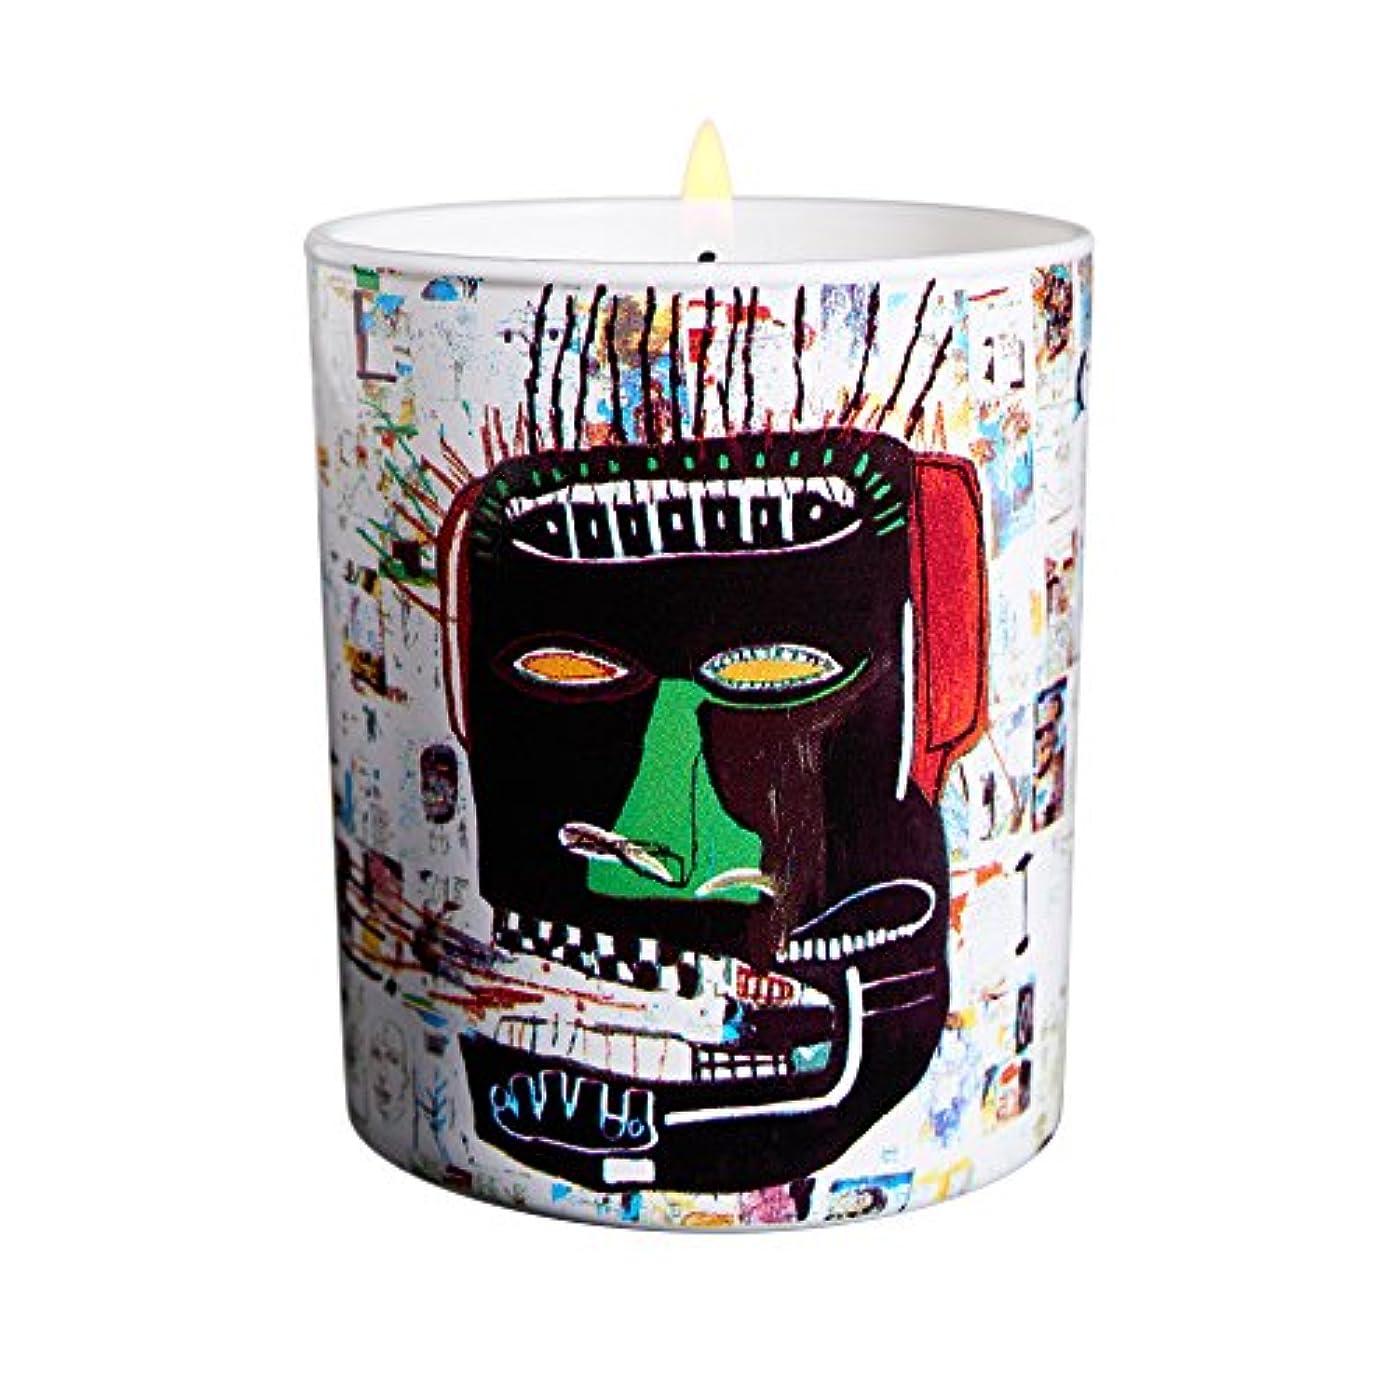 幹統合燃料ジャン ミシェル バスキア グレン キャンドル(Jean-Michael Basquiat Perfumed Candle